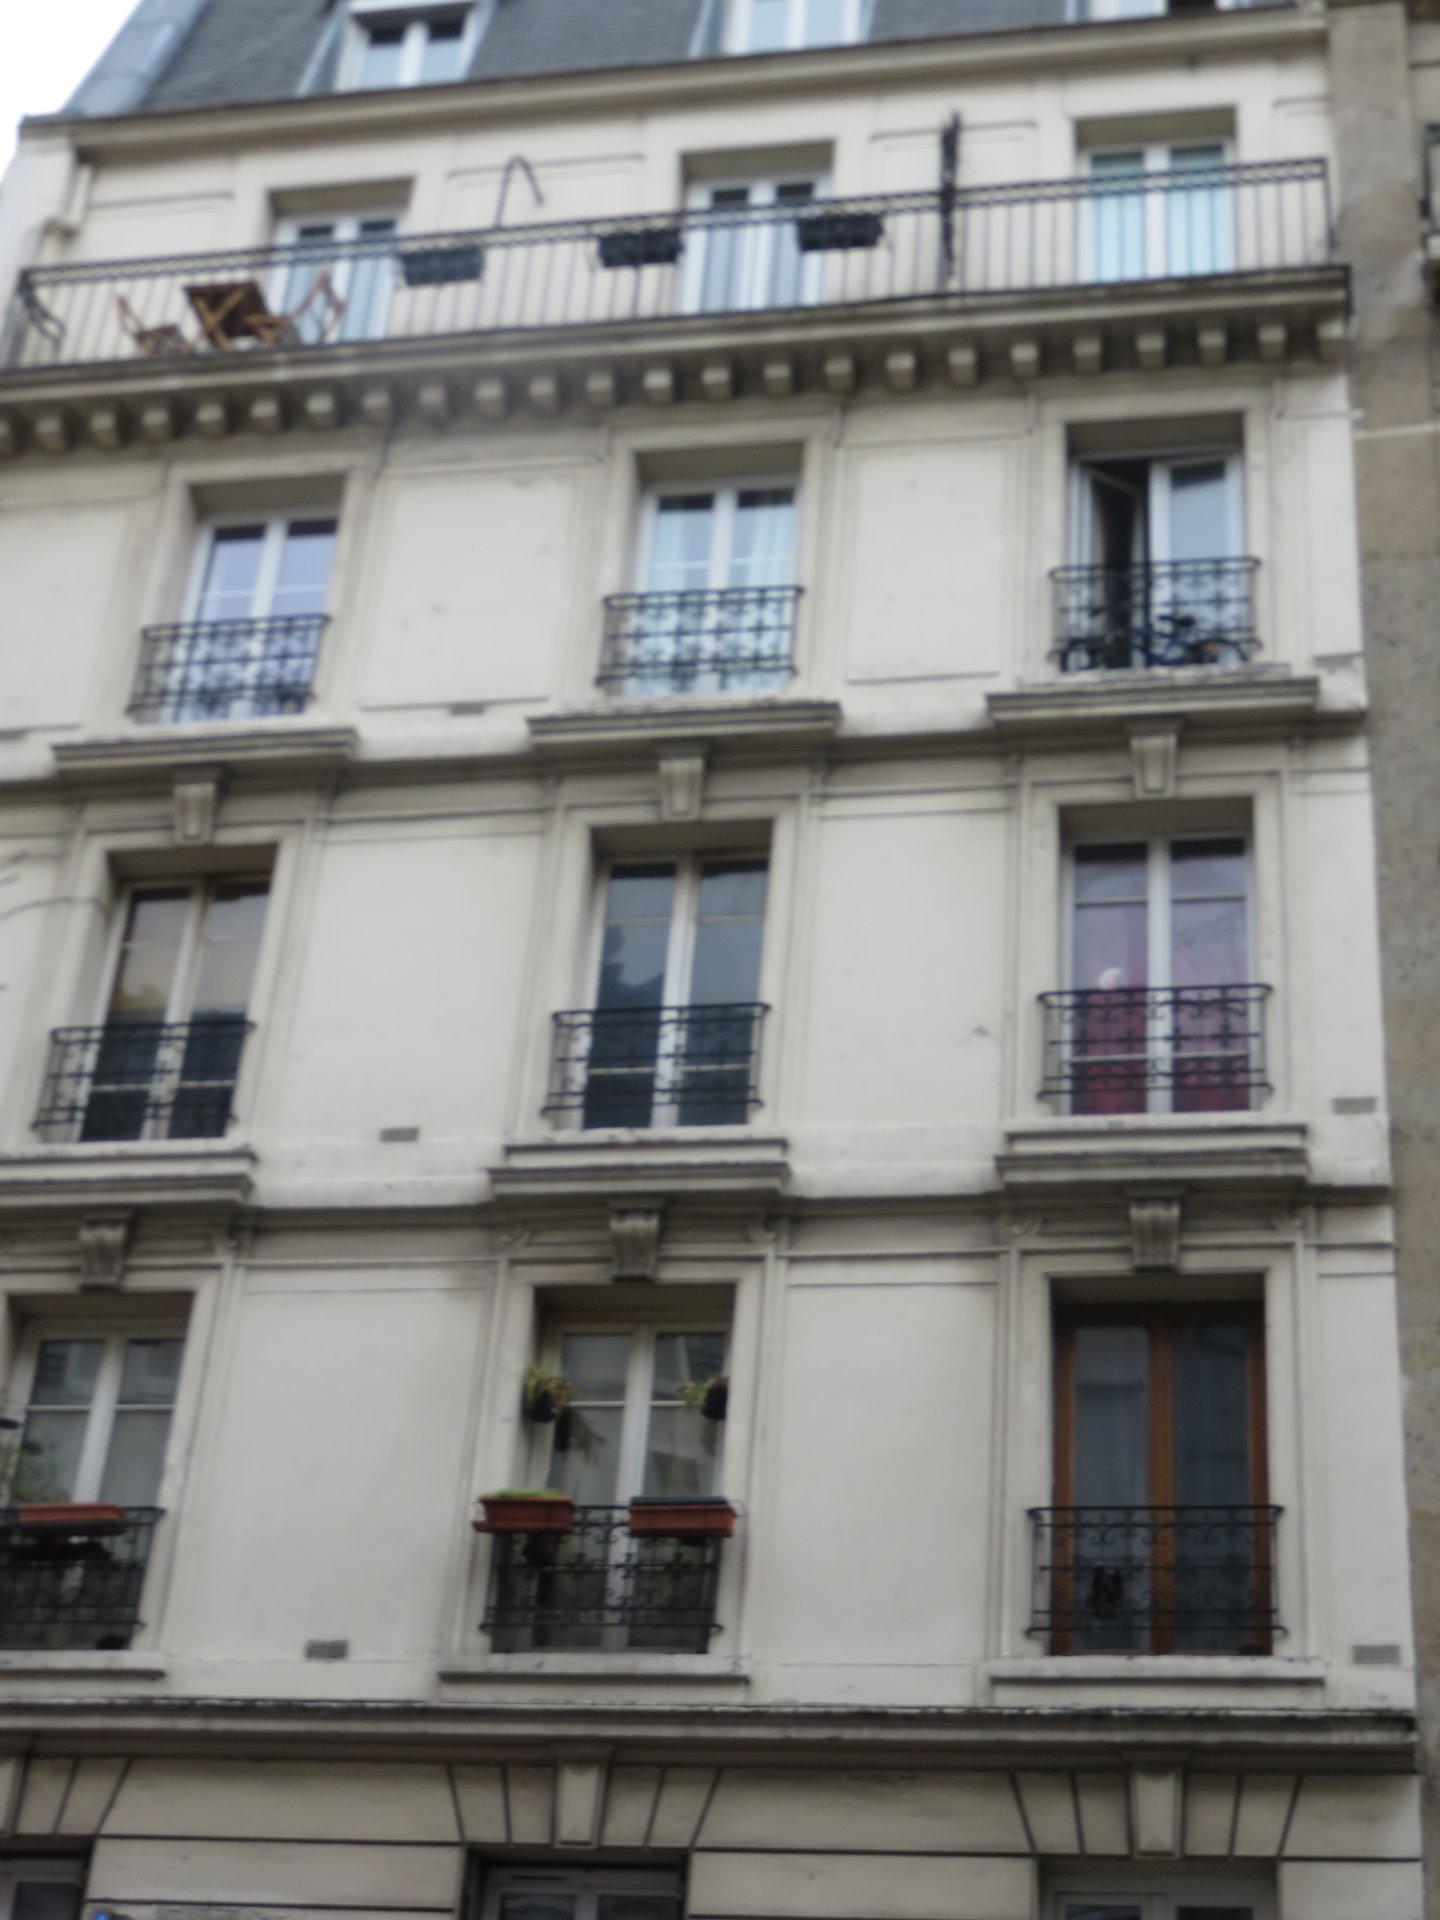 Paris - XVIII ème - M° Chateau Rouge - 3 Pièces - RDC sur cour - À rénover - 2 Chambres en enfilade - Calme